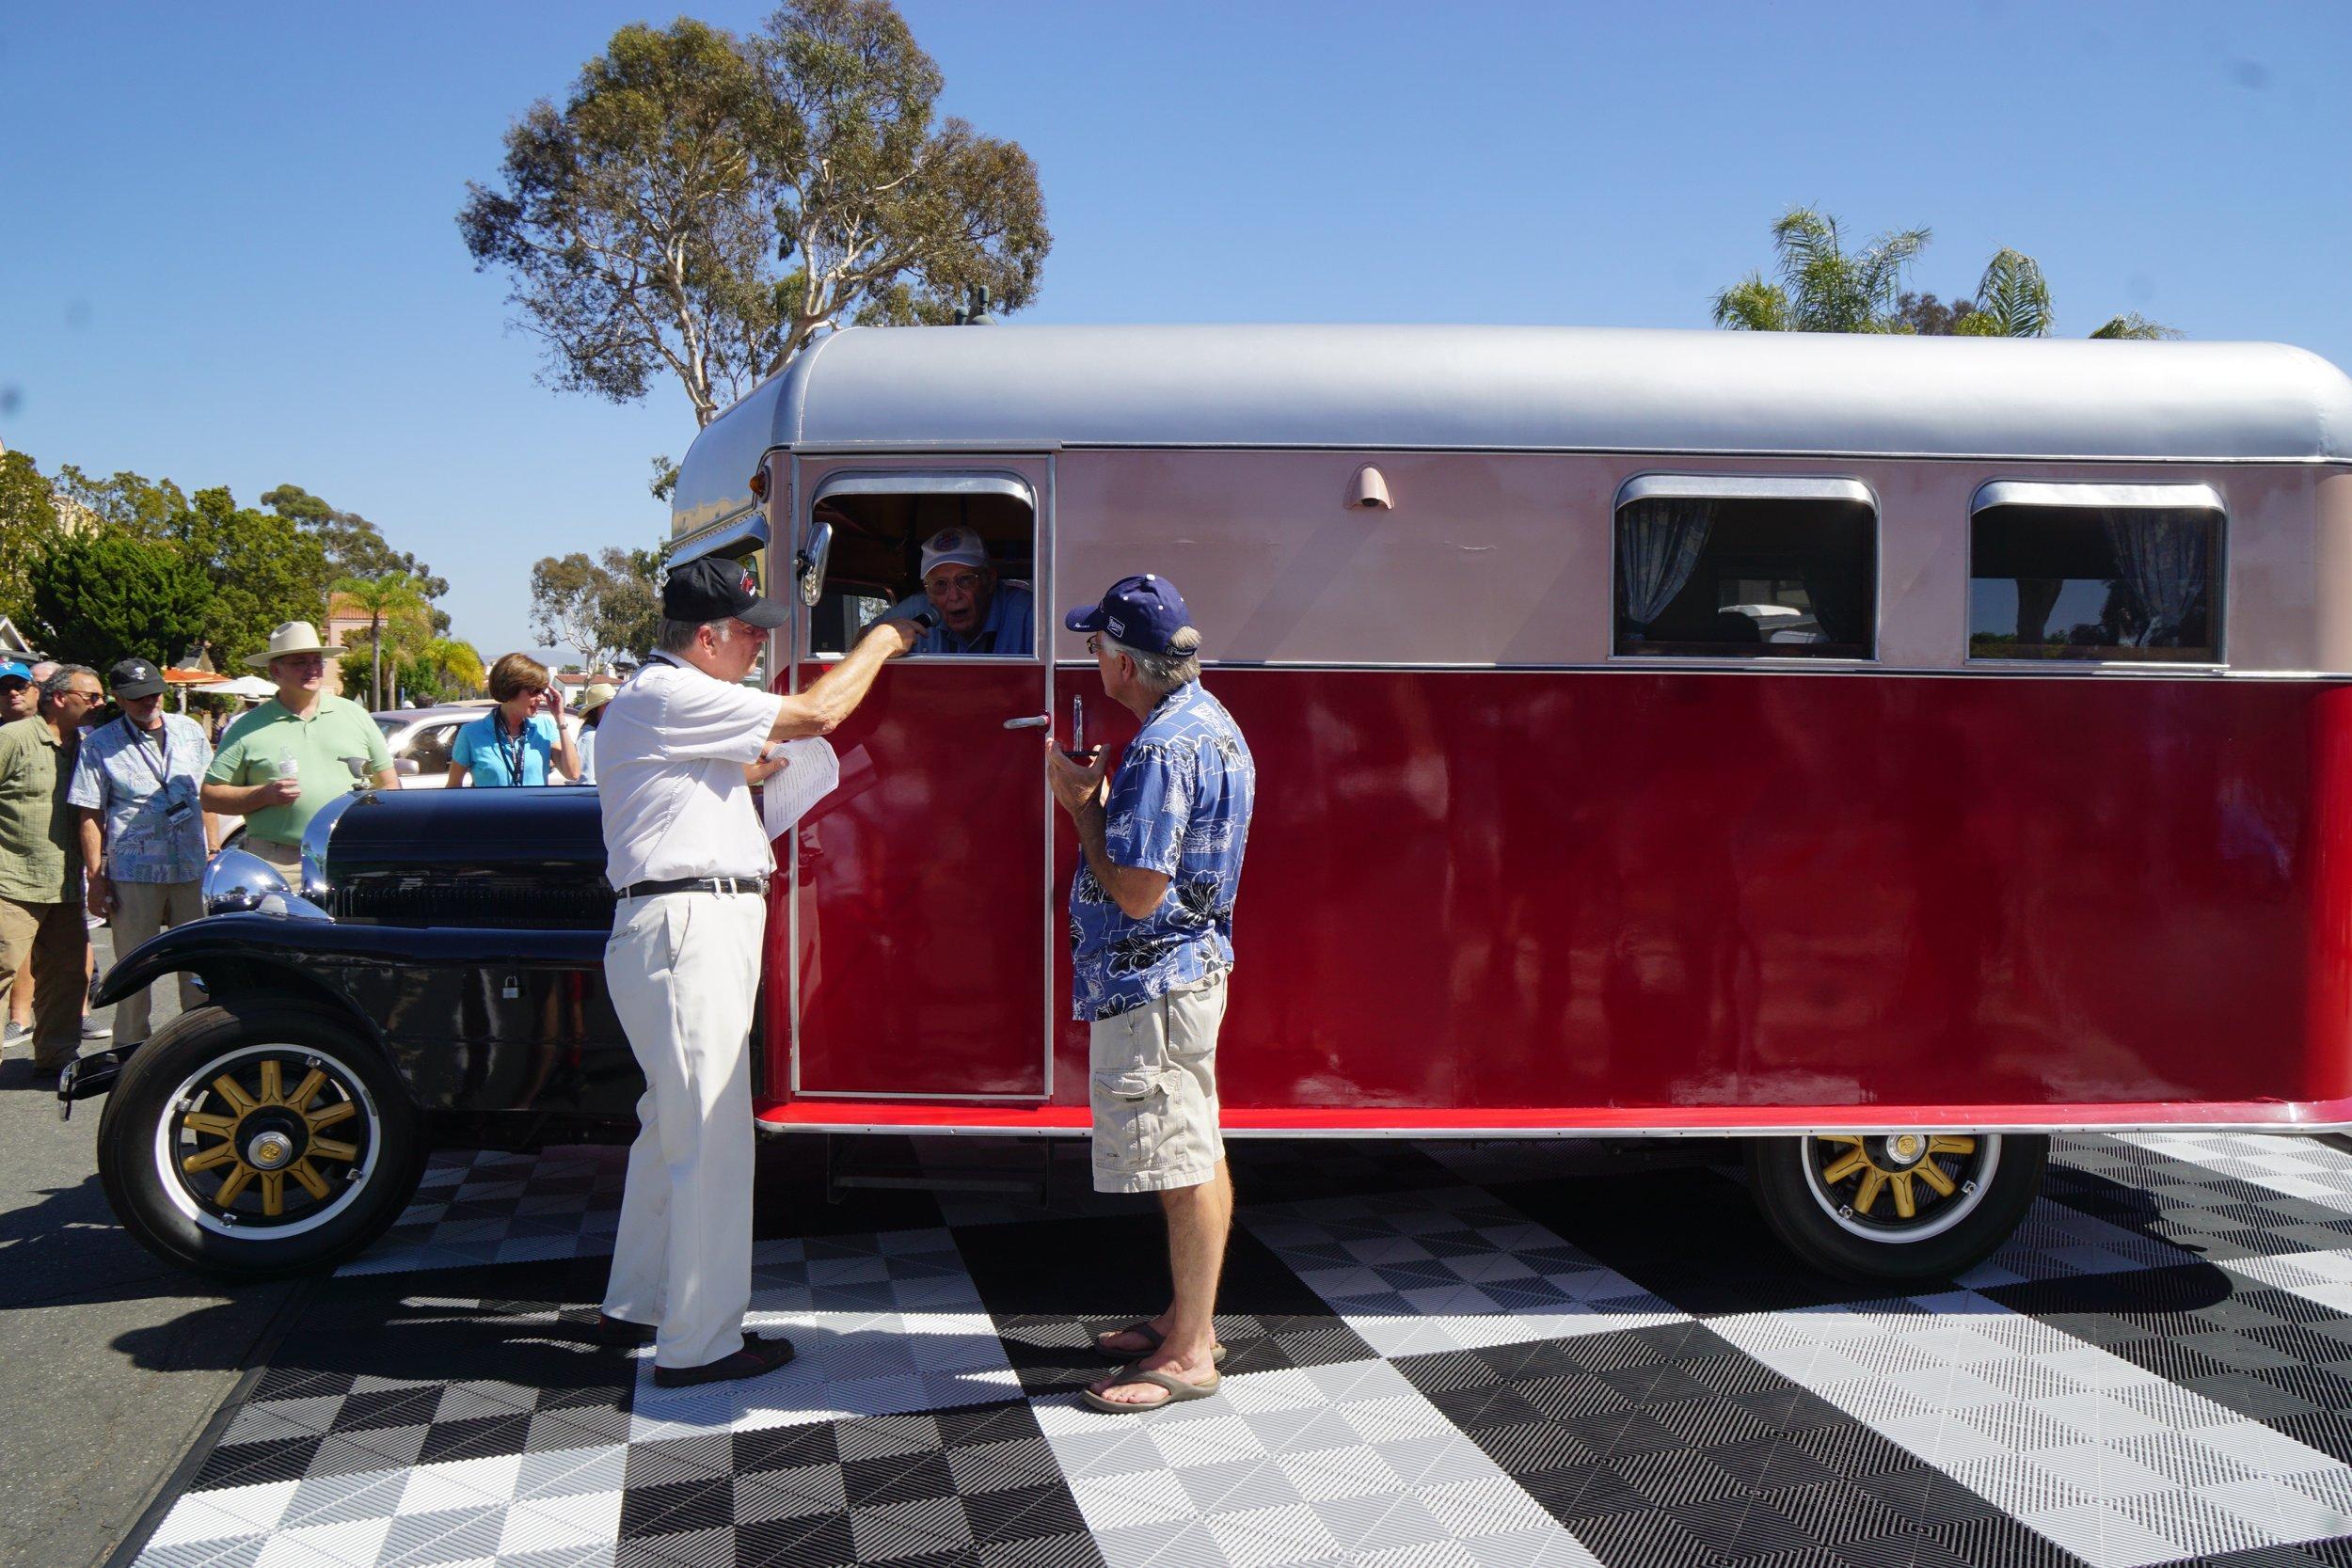 Commercial Vehicles (Trucks Motorhomes etc.)      1st Place     1930 Graham Model 46 – John Vandyke